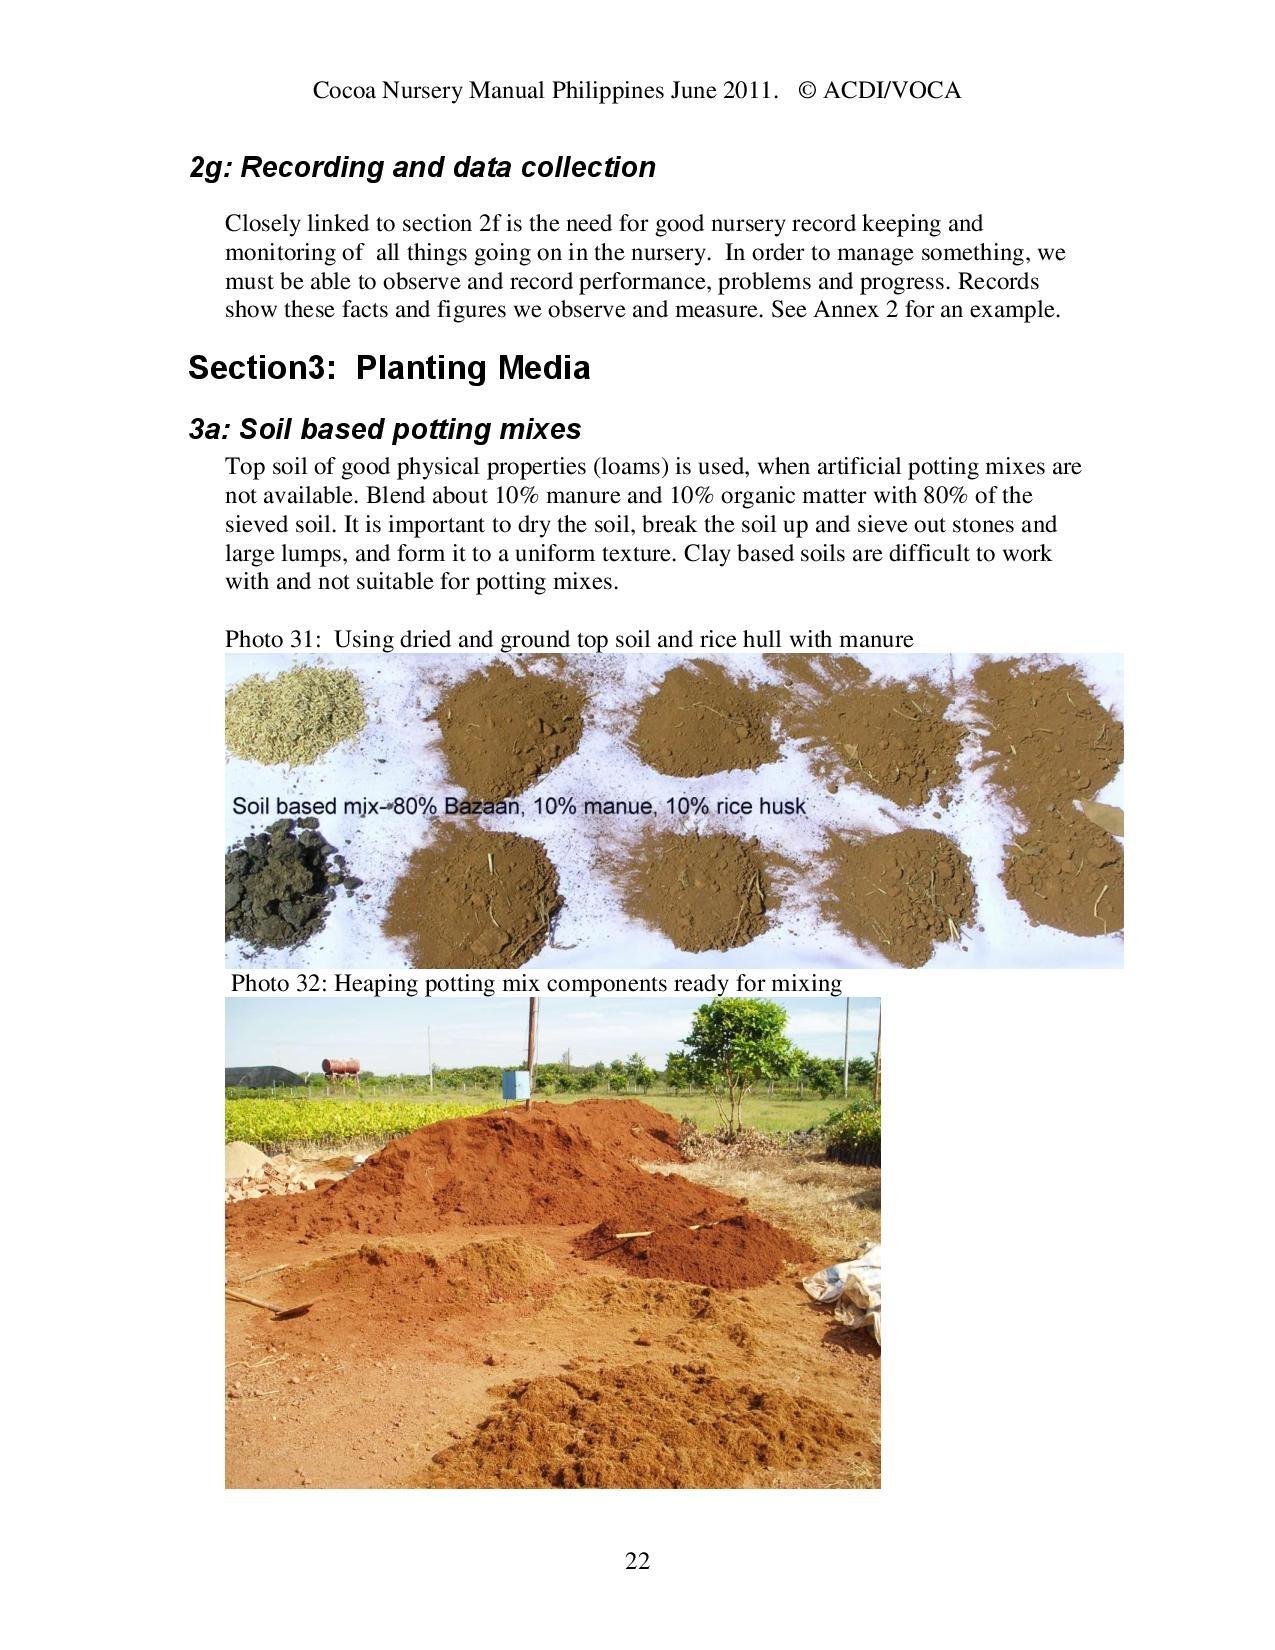 Cocoa-Nursery-Manual-2011_acdi-voca-page-022